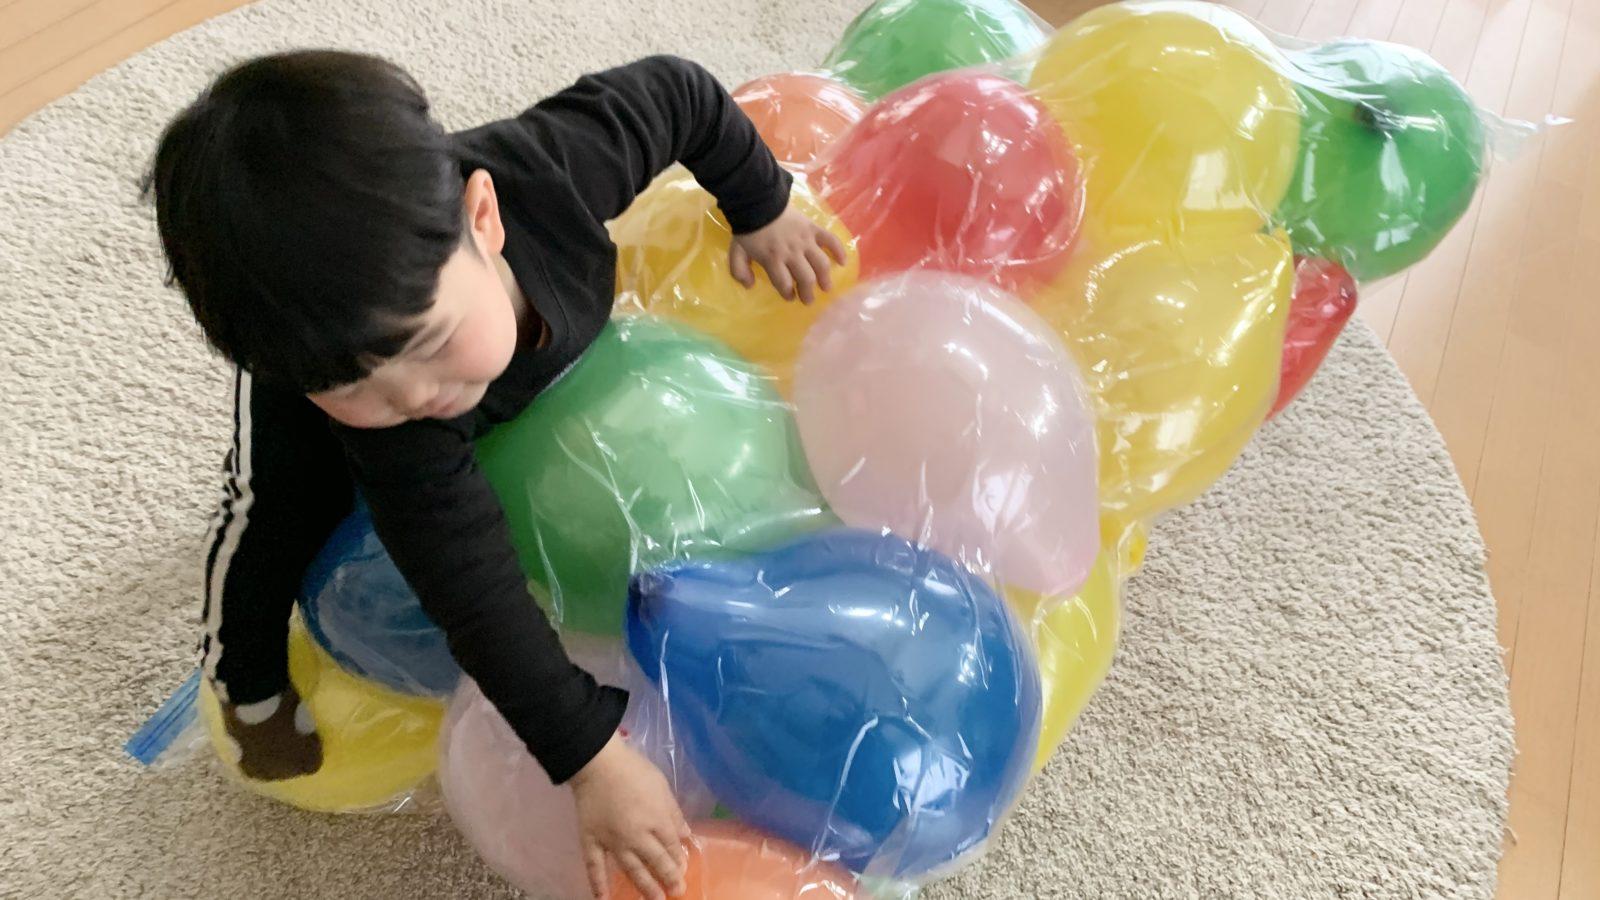 トランポリン 風船 SNSで話題の「風船トランポリン」子どもが大喜び!室内遊びにおすすめです